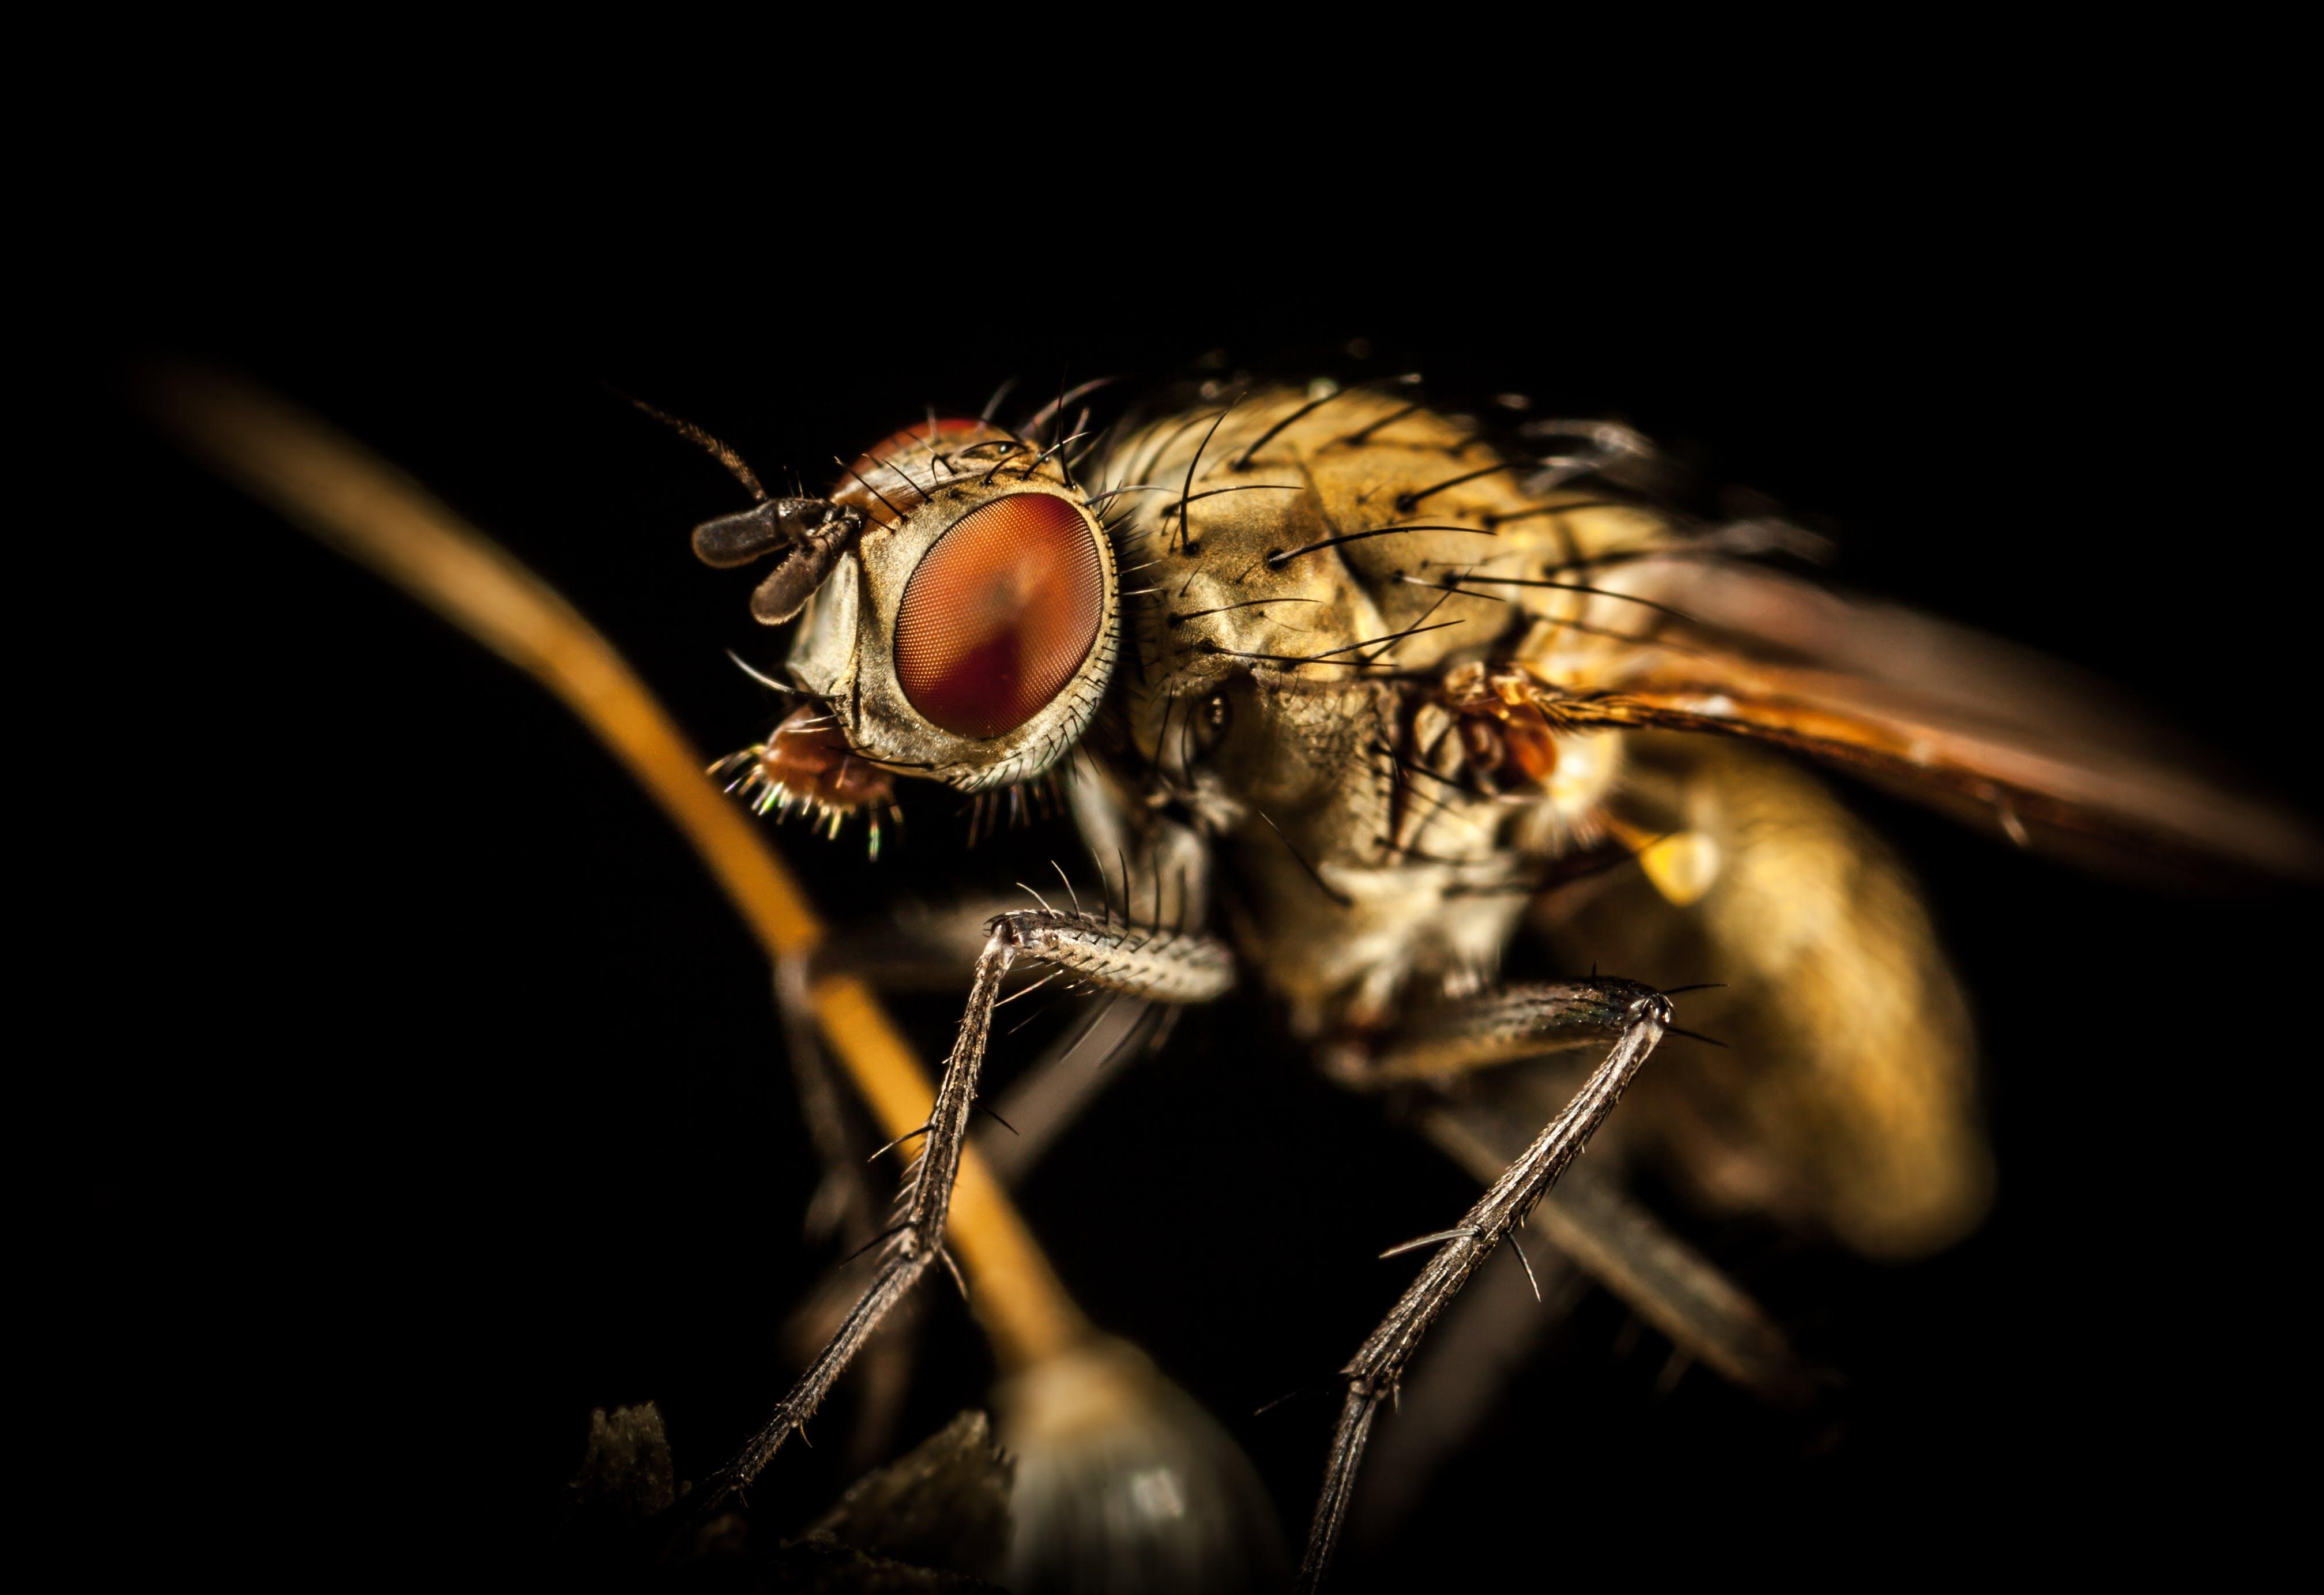 Macro Photography Of Housefly